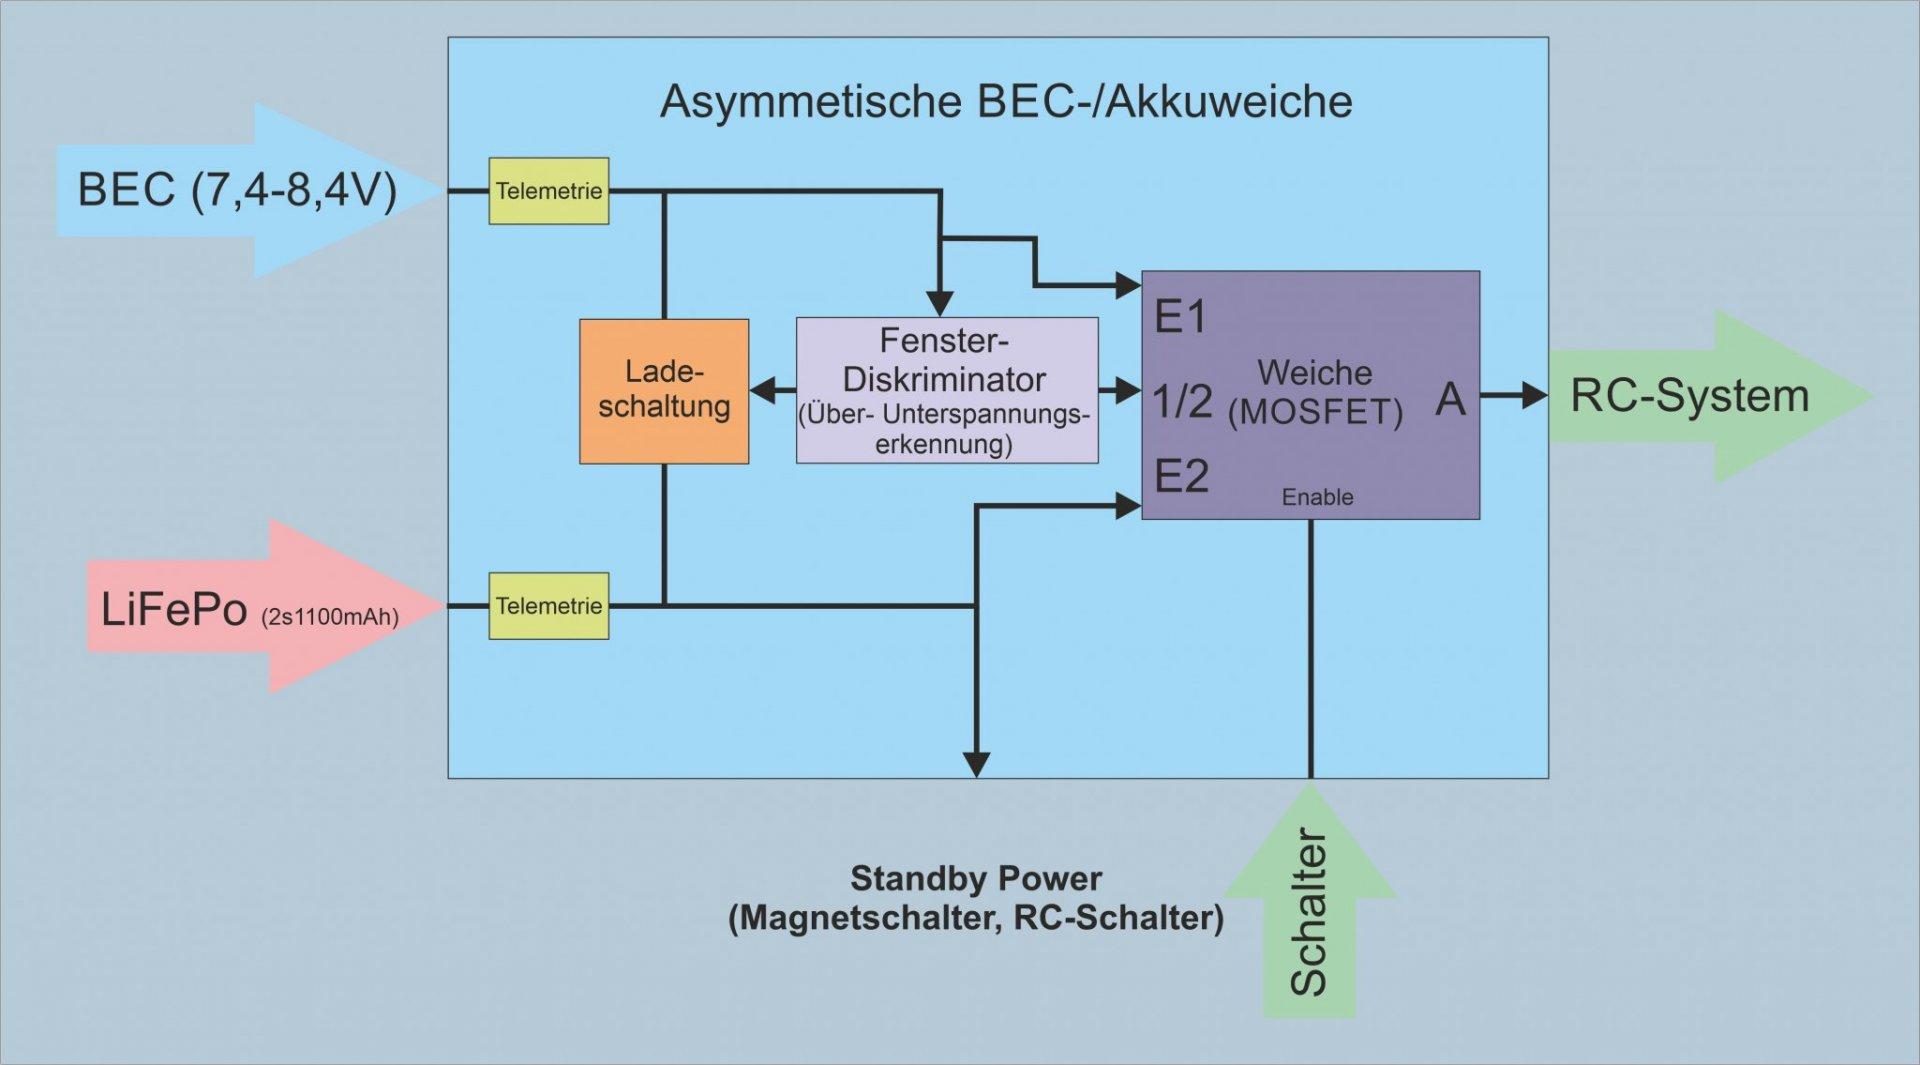 Schema Asymmetrische Weiche.jpg